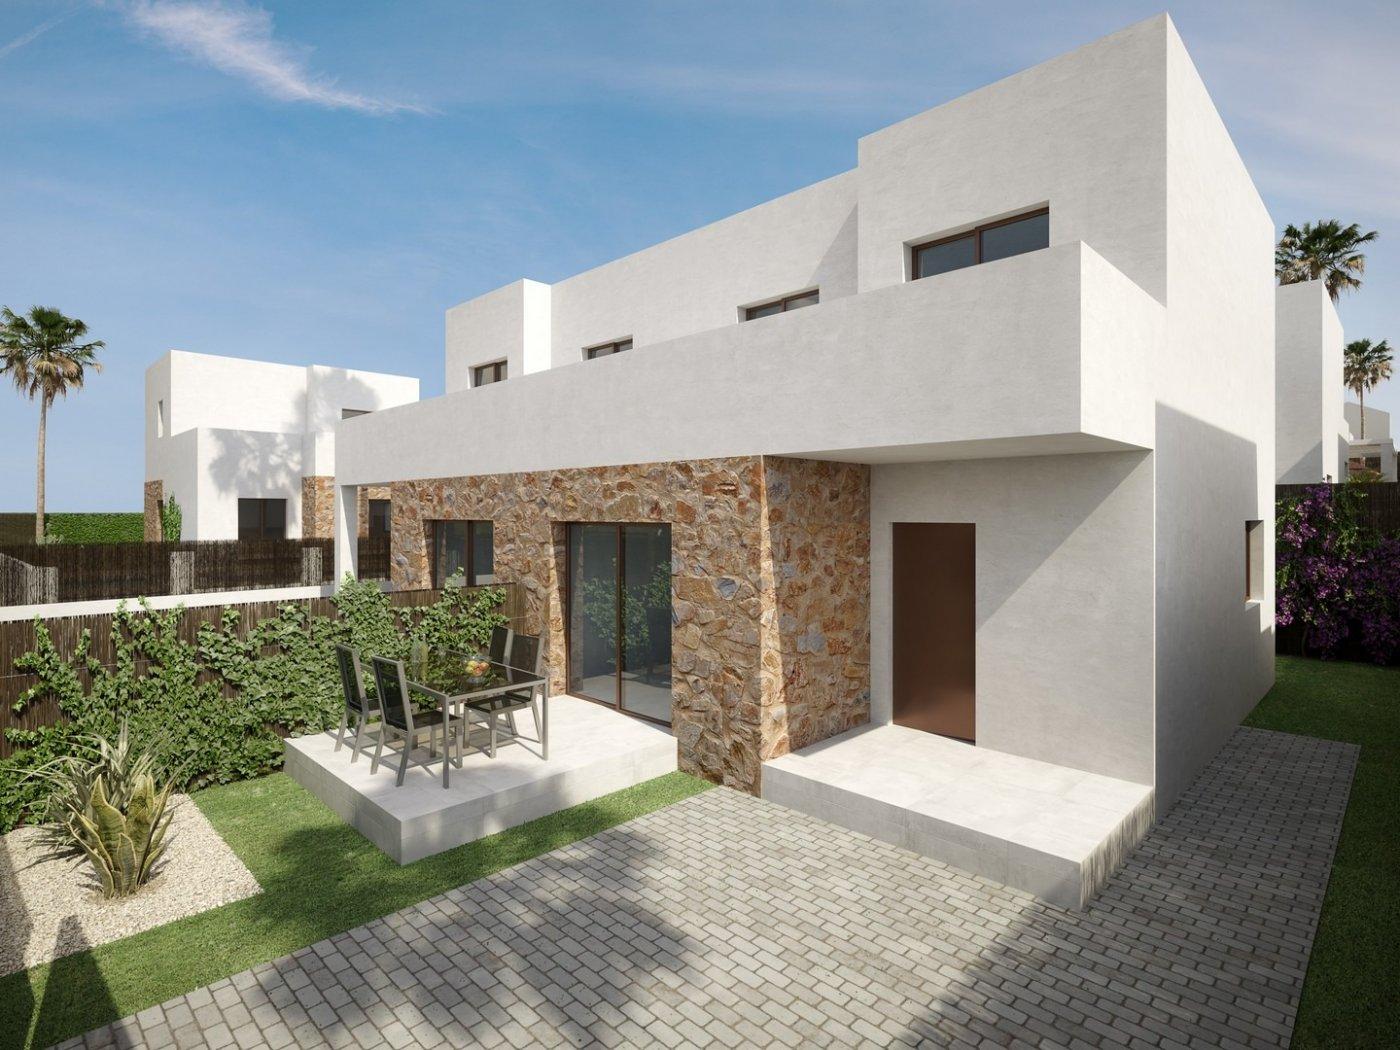 Nuevas villas pareadas e independientes en orihuela costa !!! - imagenInmueble12